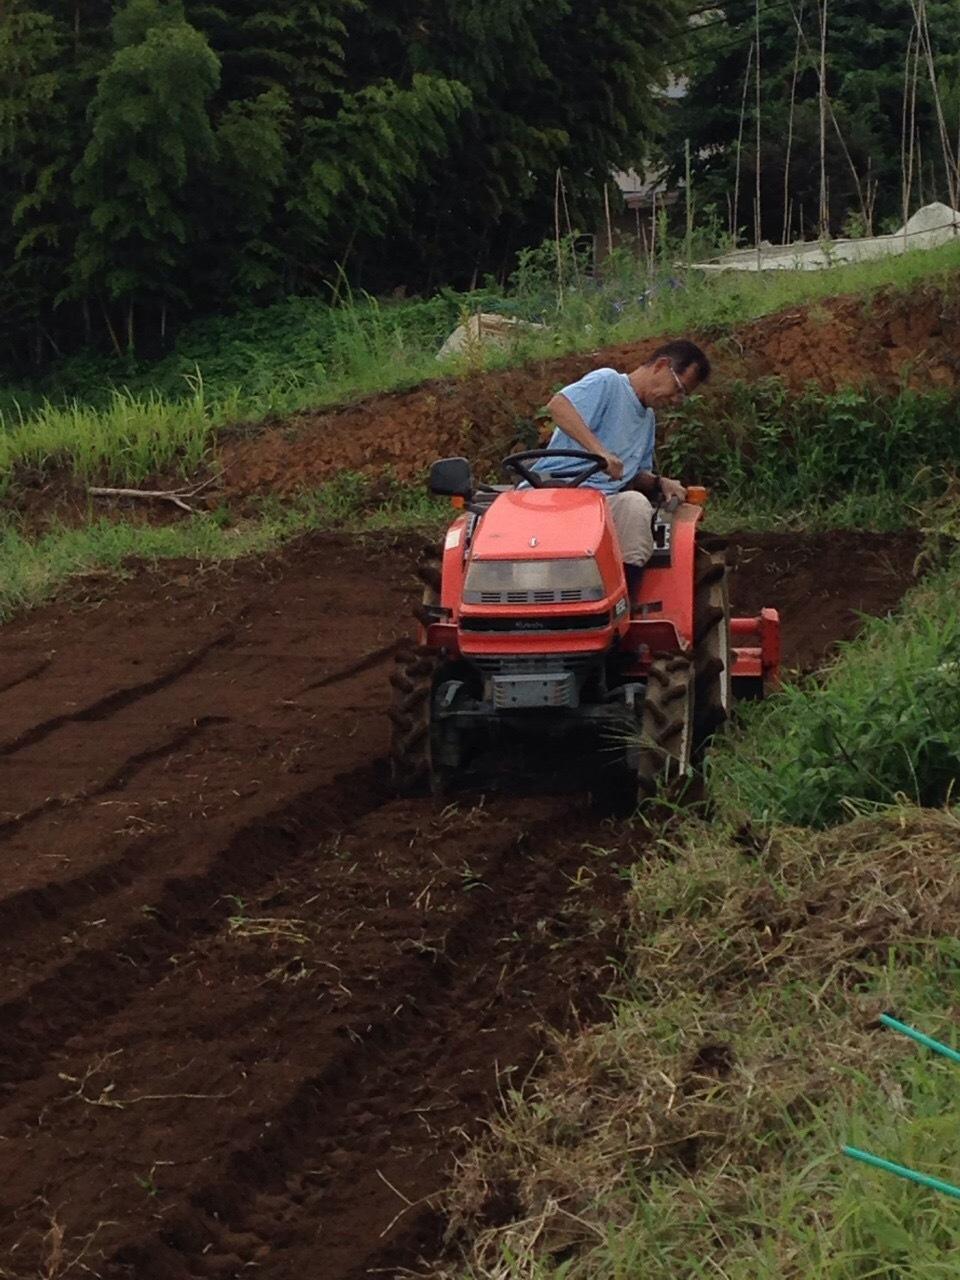 適度な雨で 土が潤いました 播種や畝作りを始めます 畑直蒔きの畝やパレット蒔きの様子_c0222448_14301978.jpg